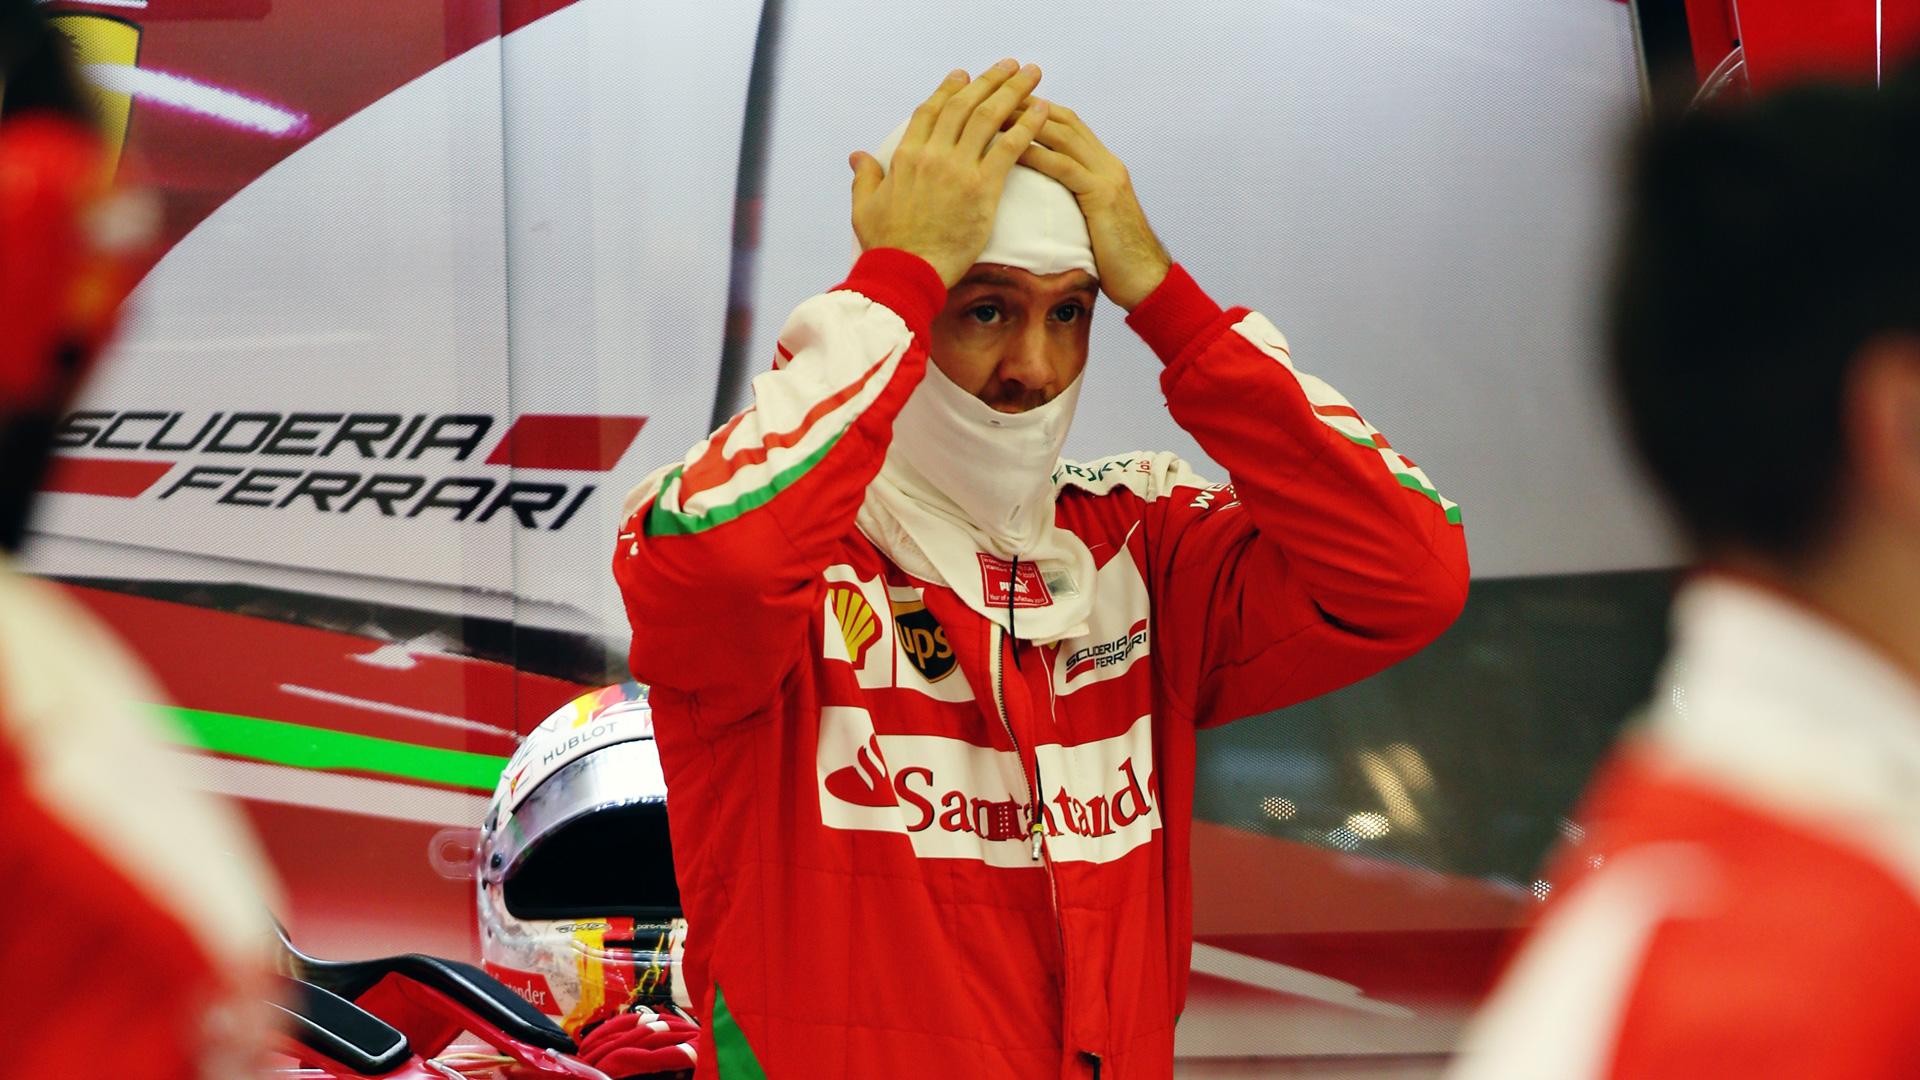 Что произошло на гонке Формулы-1 в Бахрейне. Фото 7